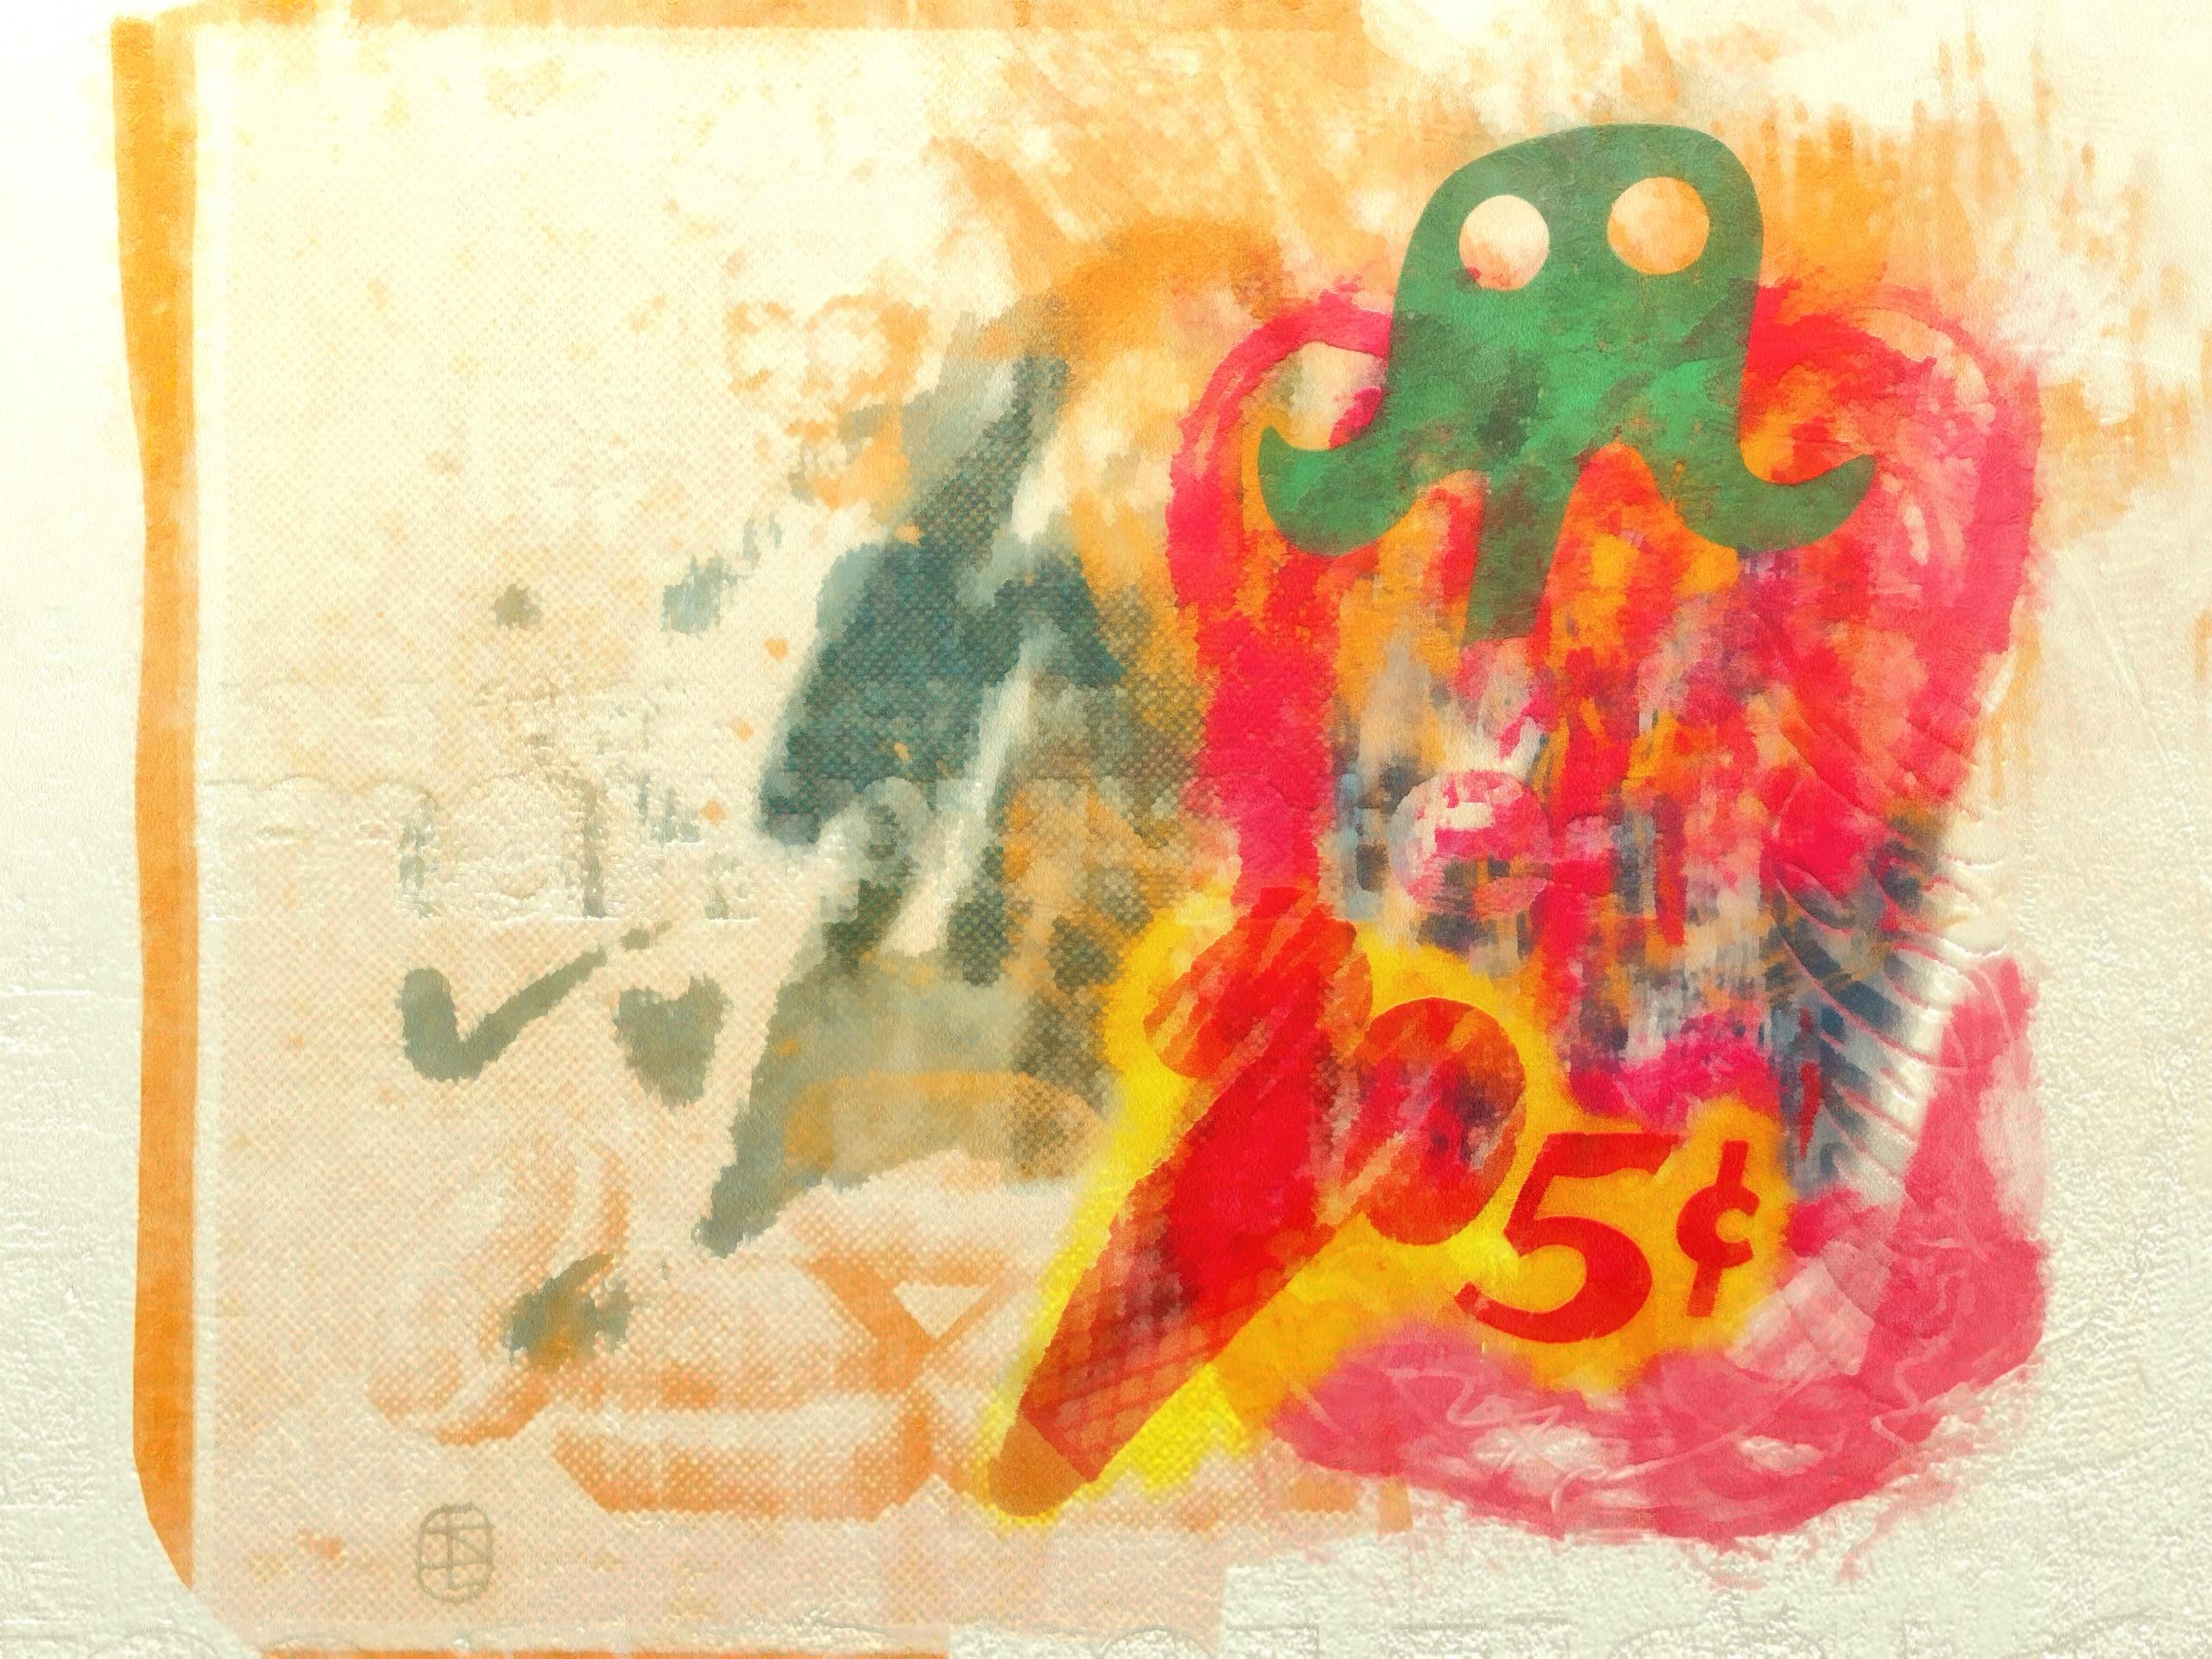 5С Submitted [Smiling Gecko: Ey - kustokusto | ello